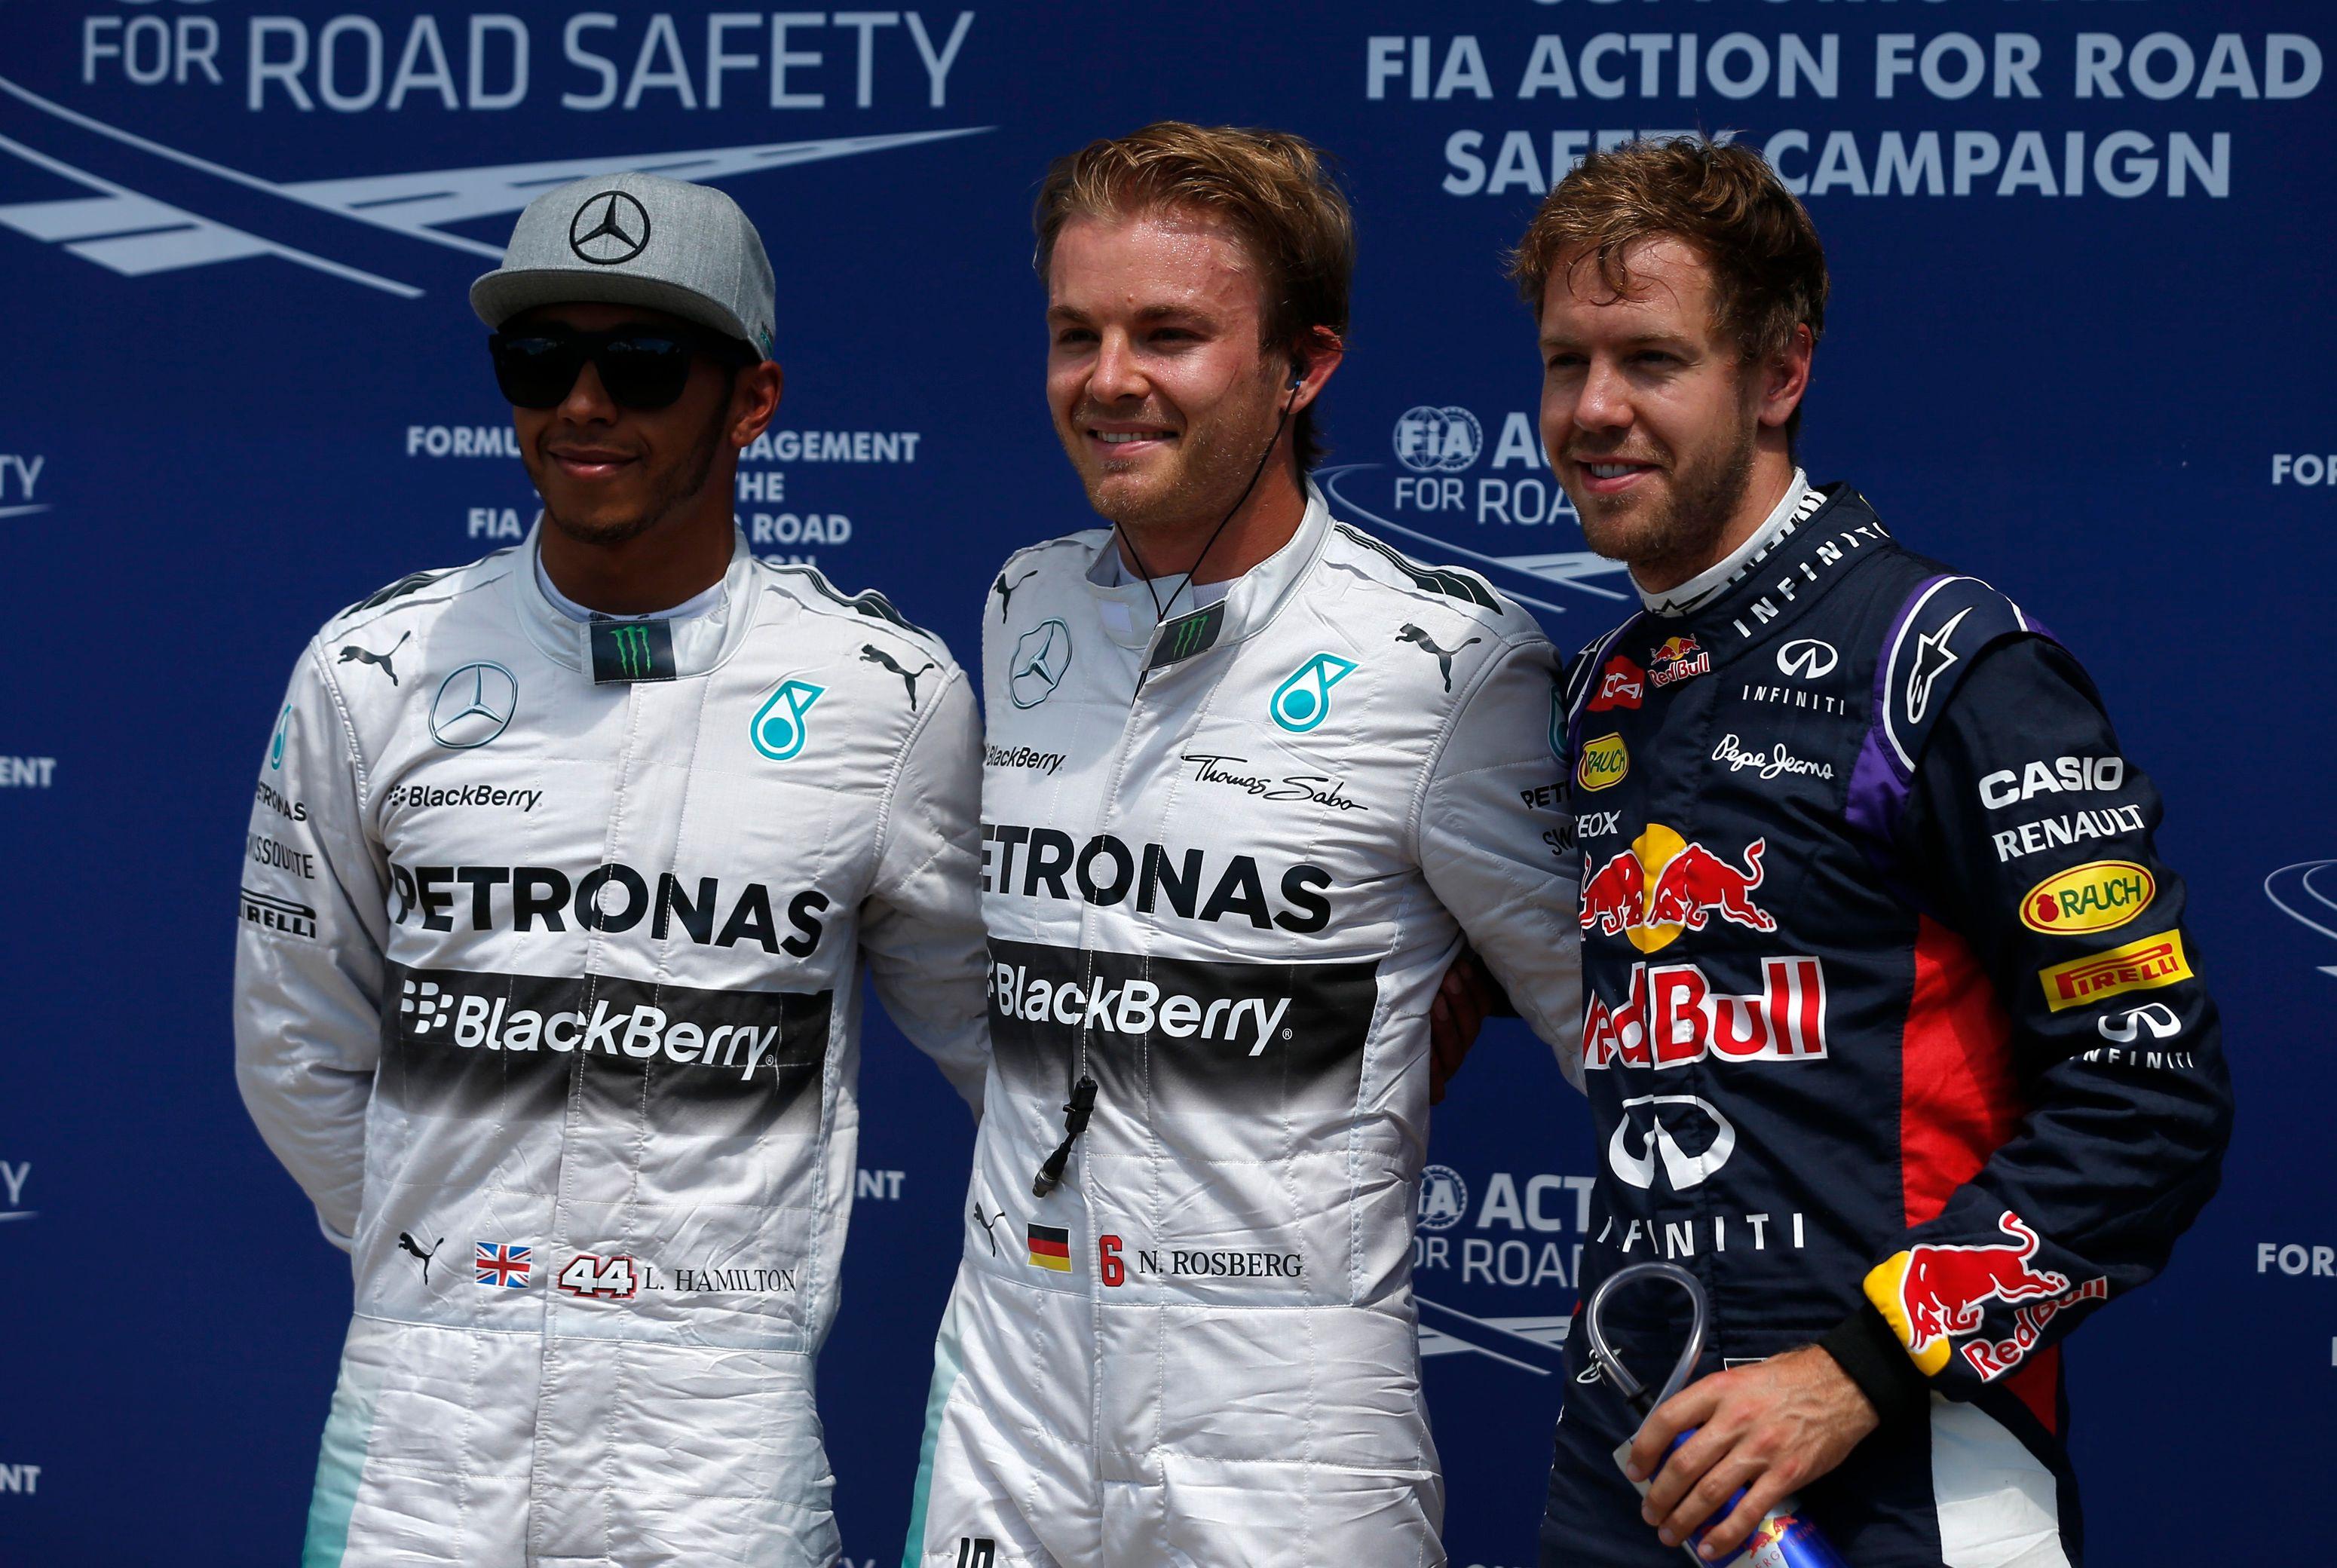 Anorexiques des paddocks : mais pourquoi les pilotes de Formule 1 s'affament-ils ?